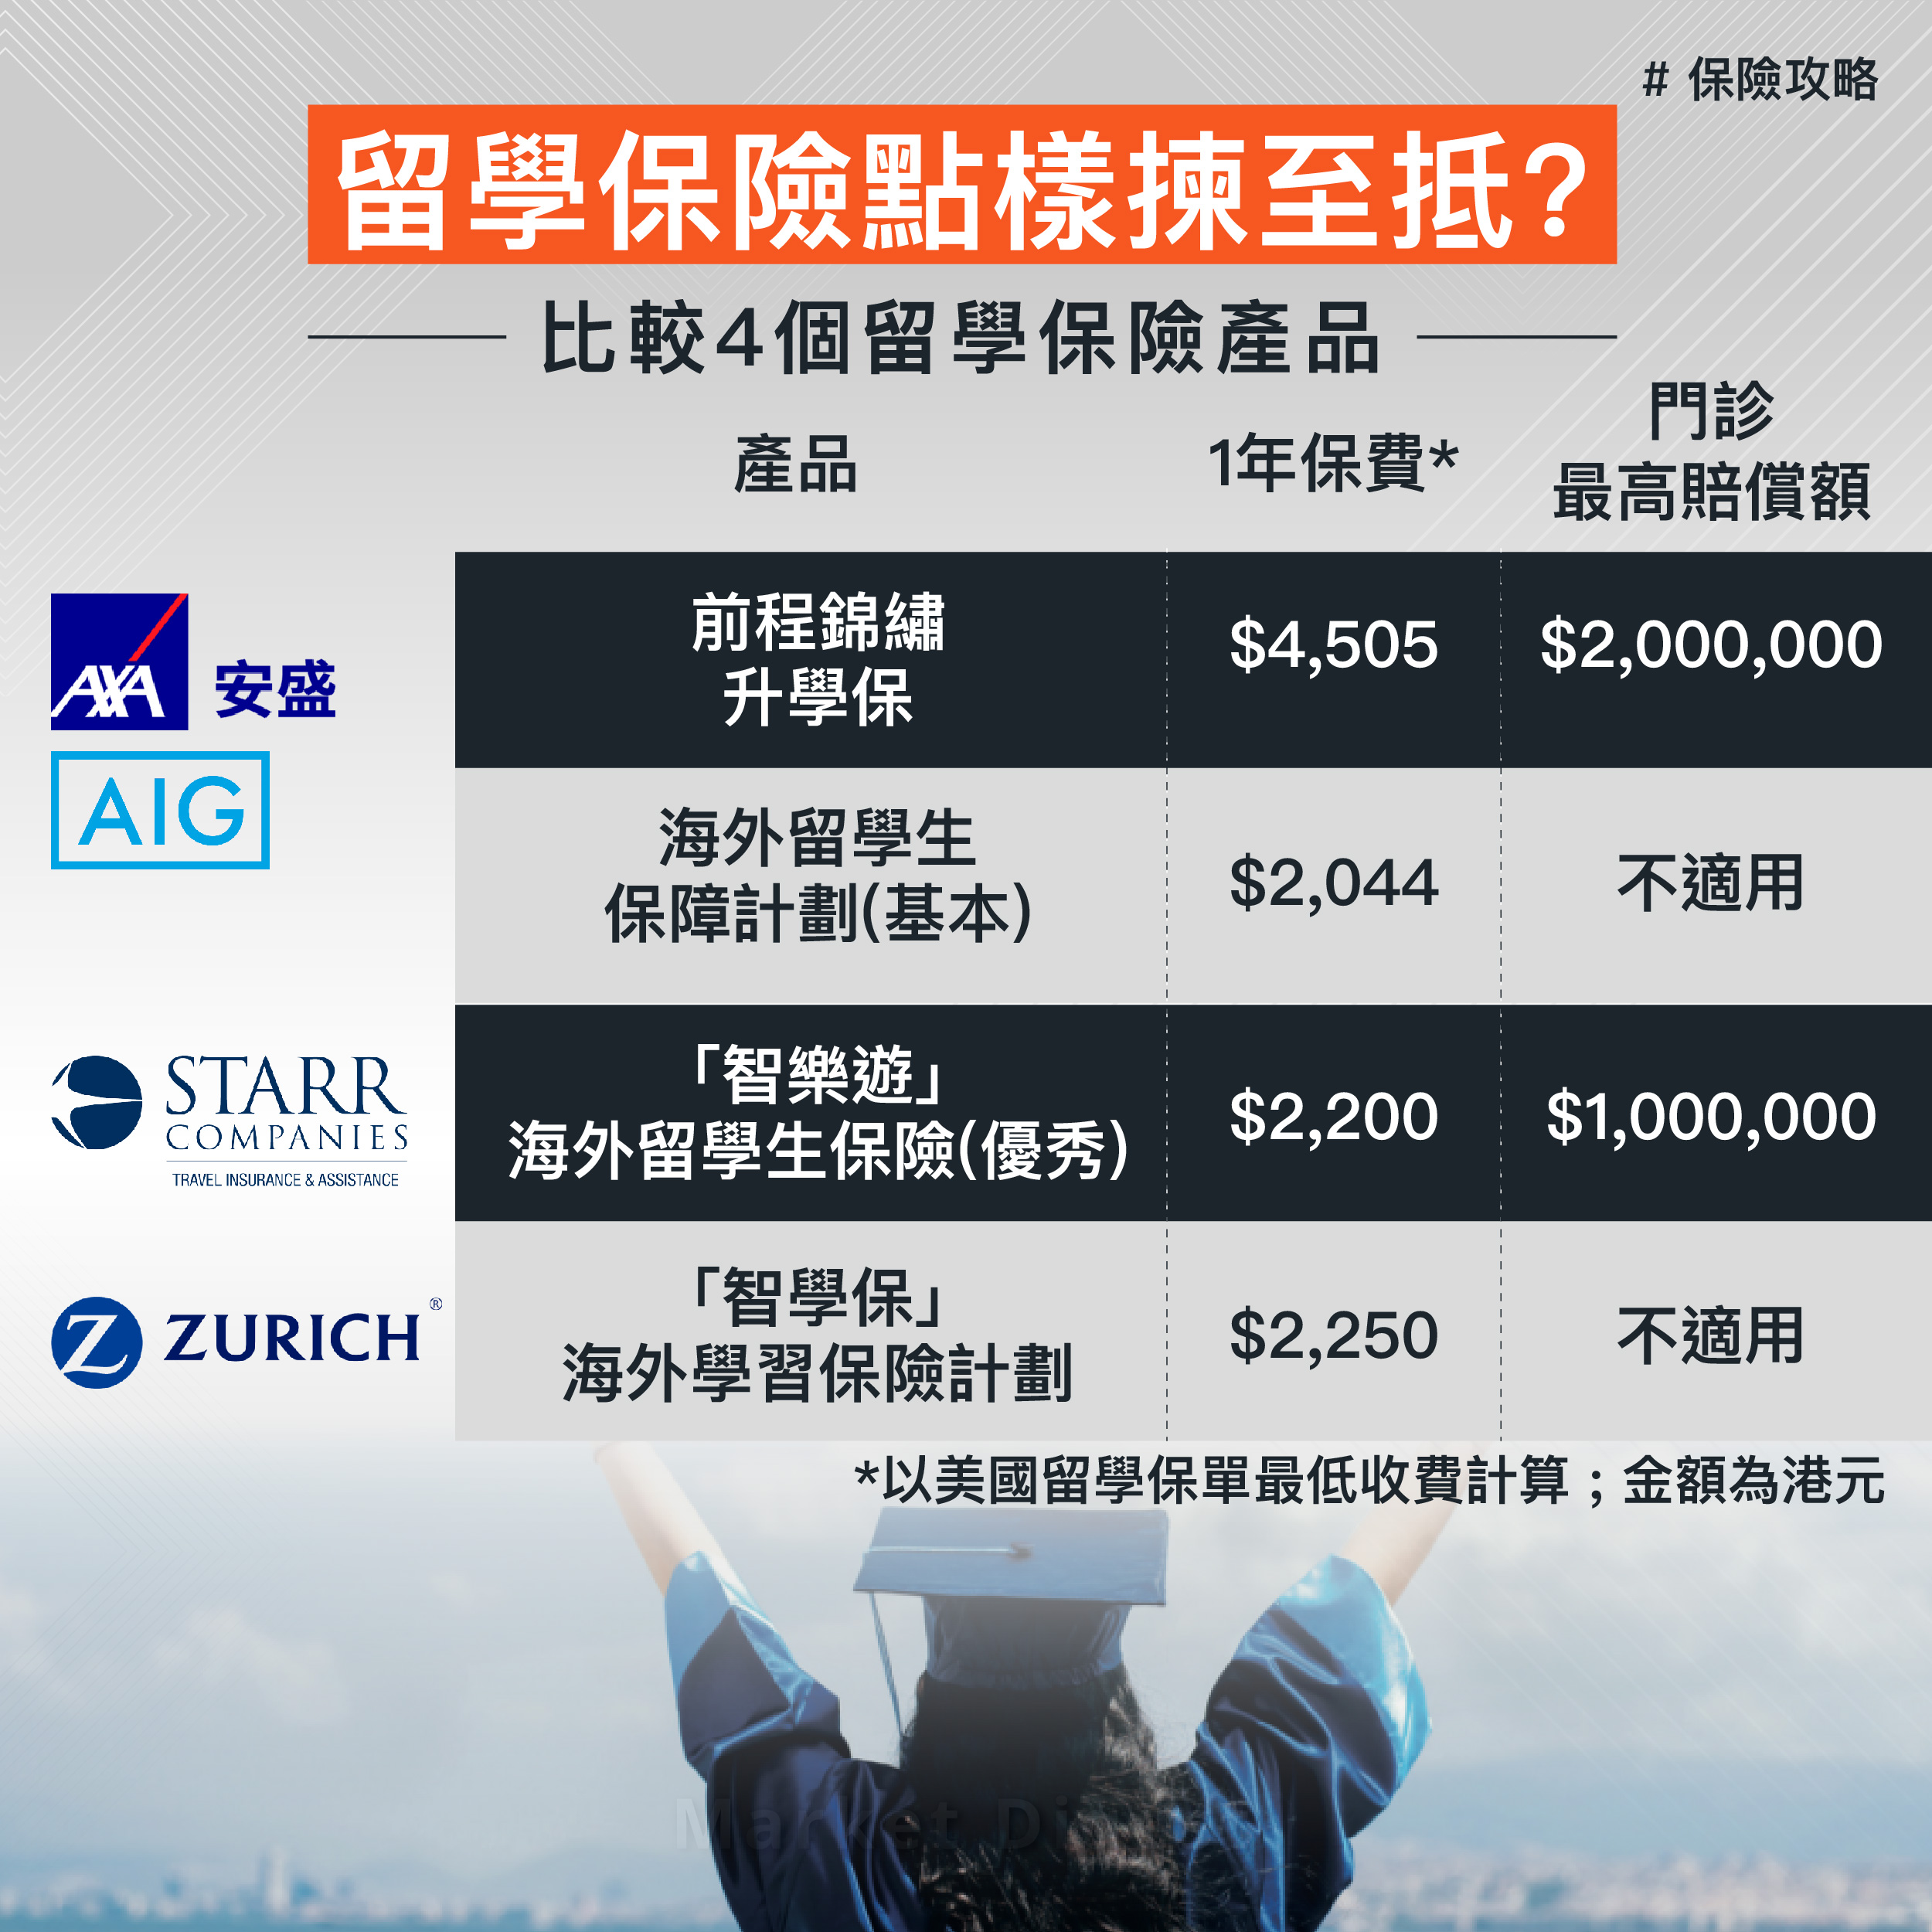 【保險攻略】留學保險點樣揀至抵? 比較4個留學保險產品